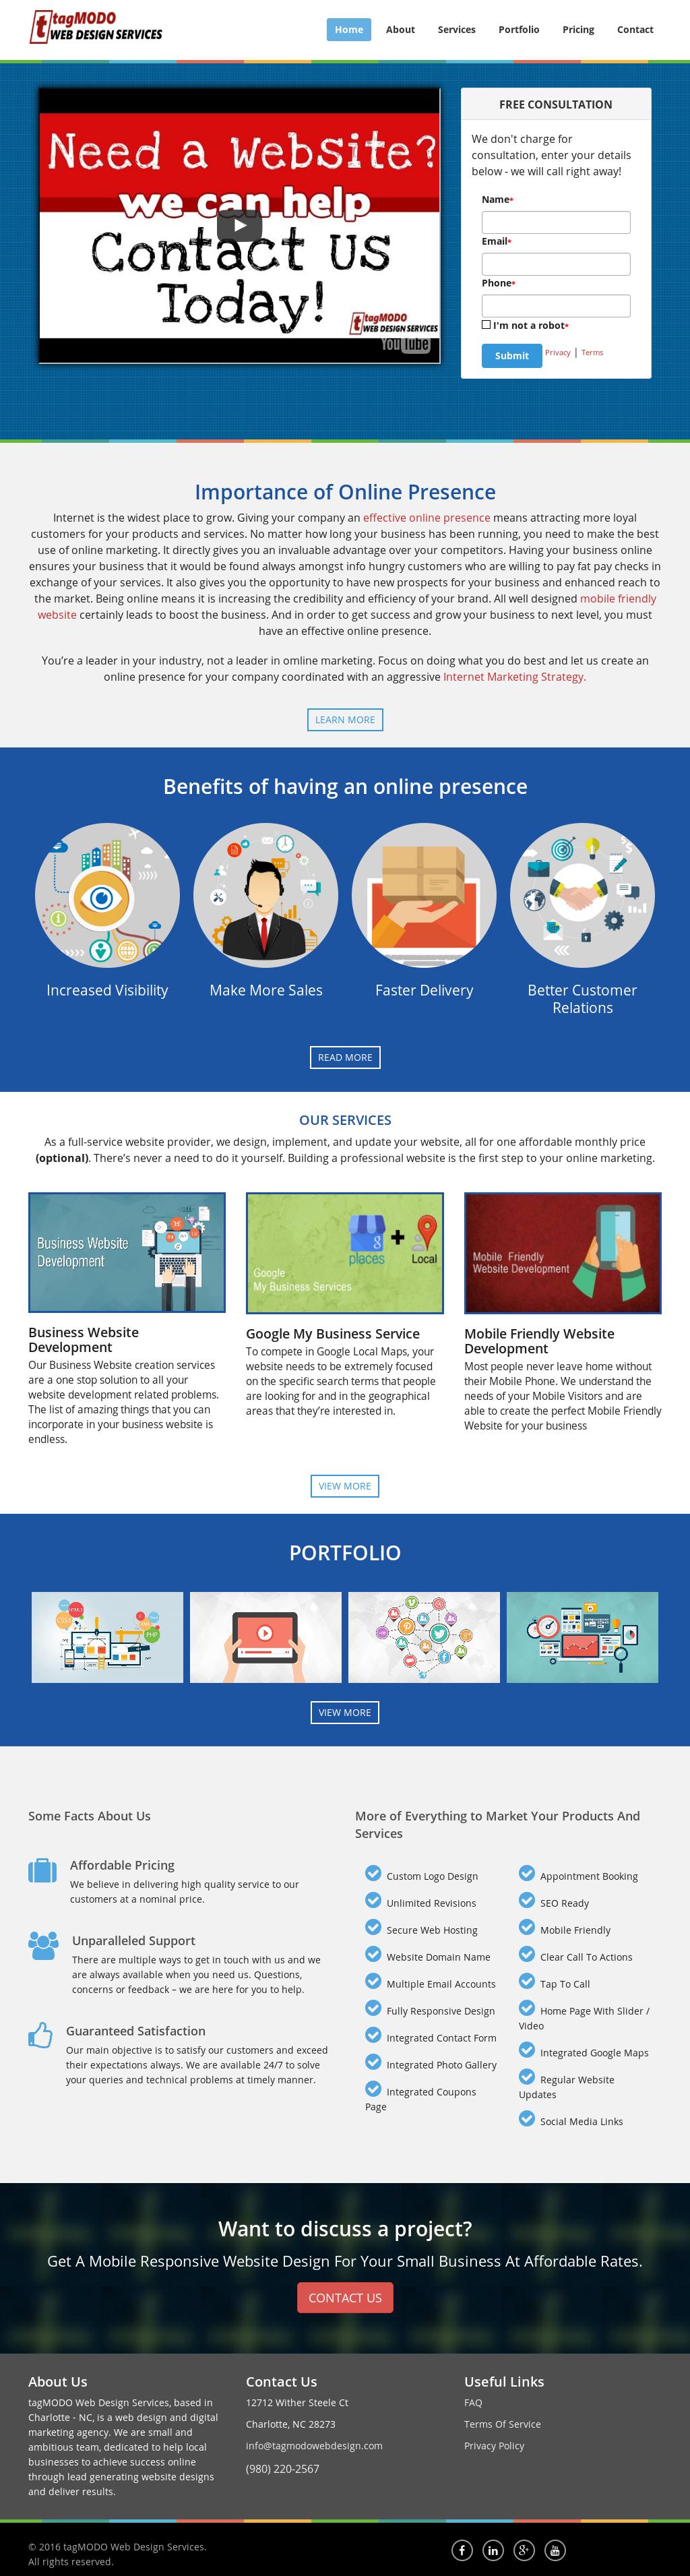 Tagmodo Web Design Services Competitors, Revenue and